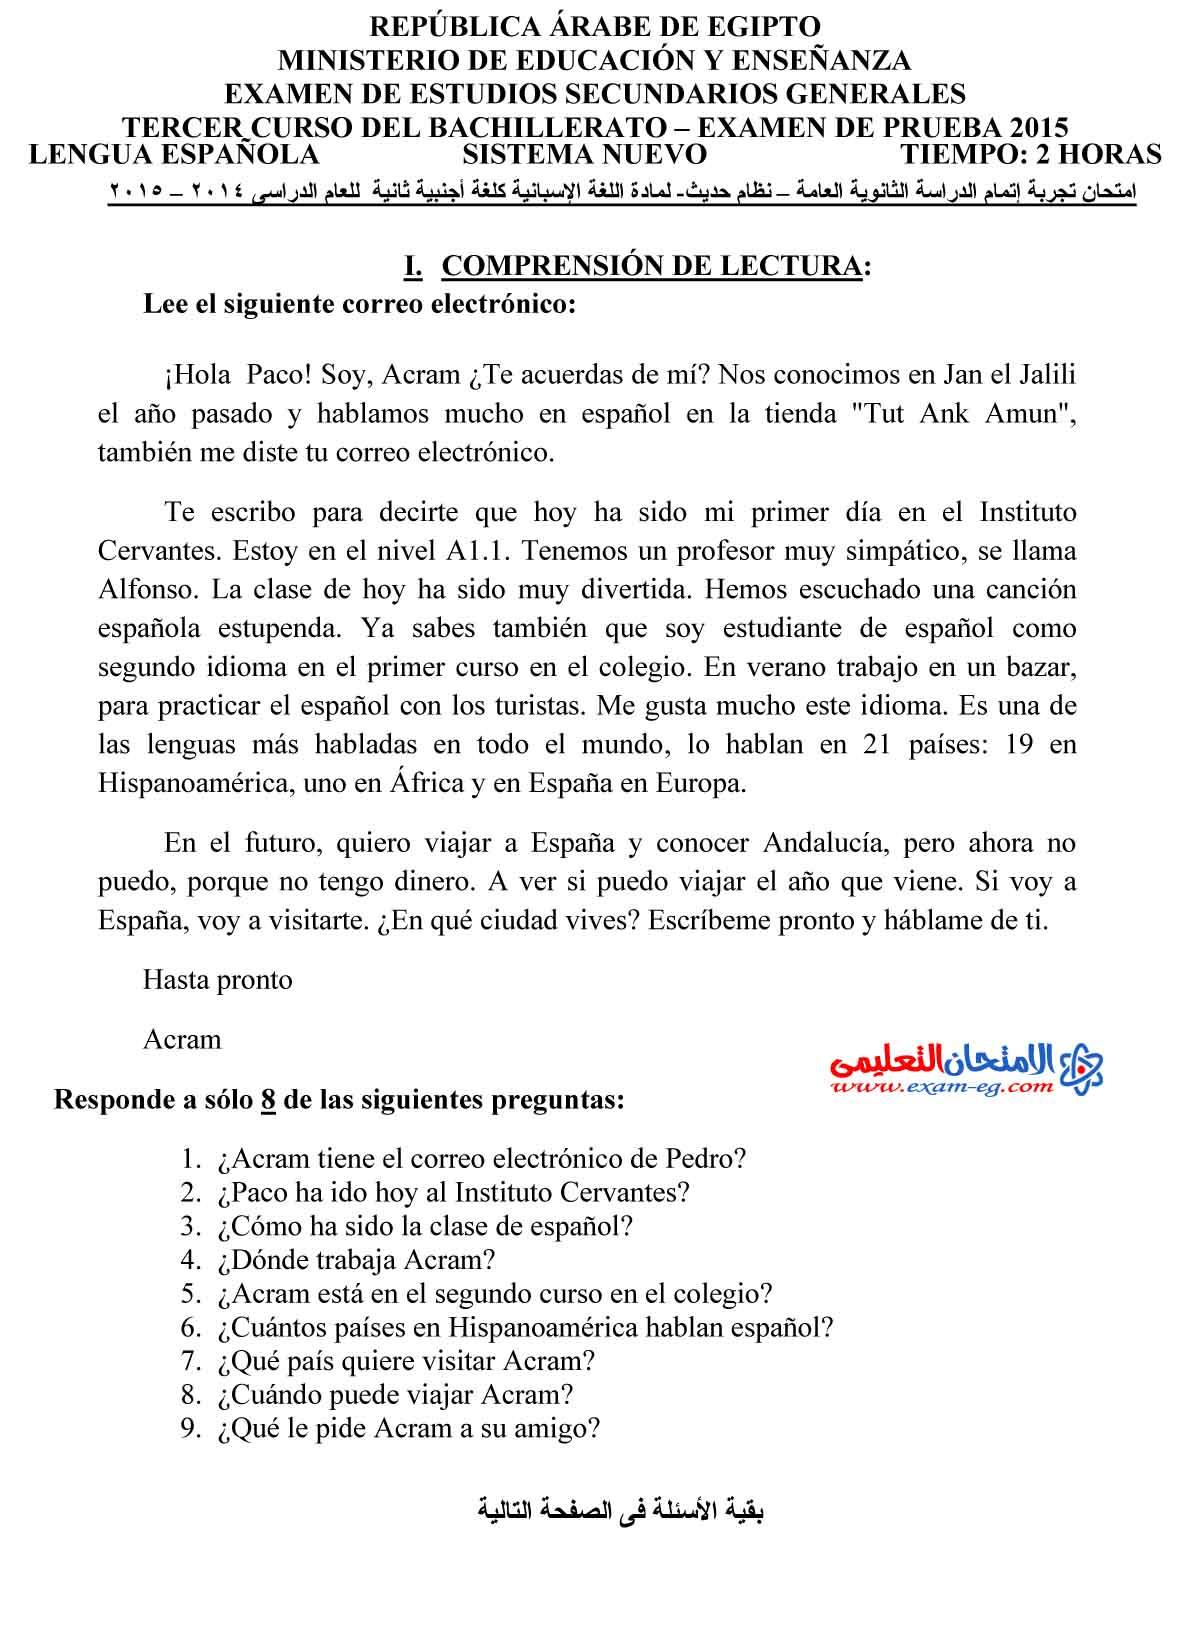 امتحان الوزارة فى اللغة الاسبانية